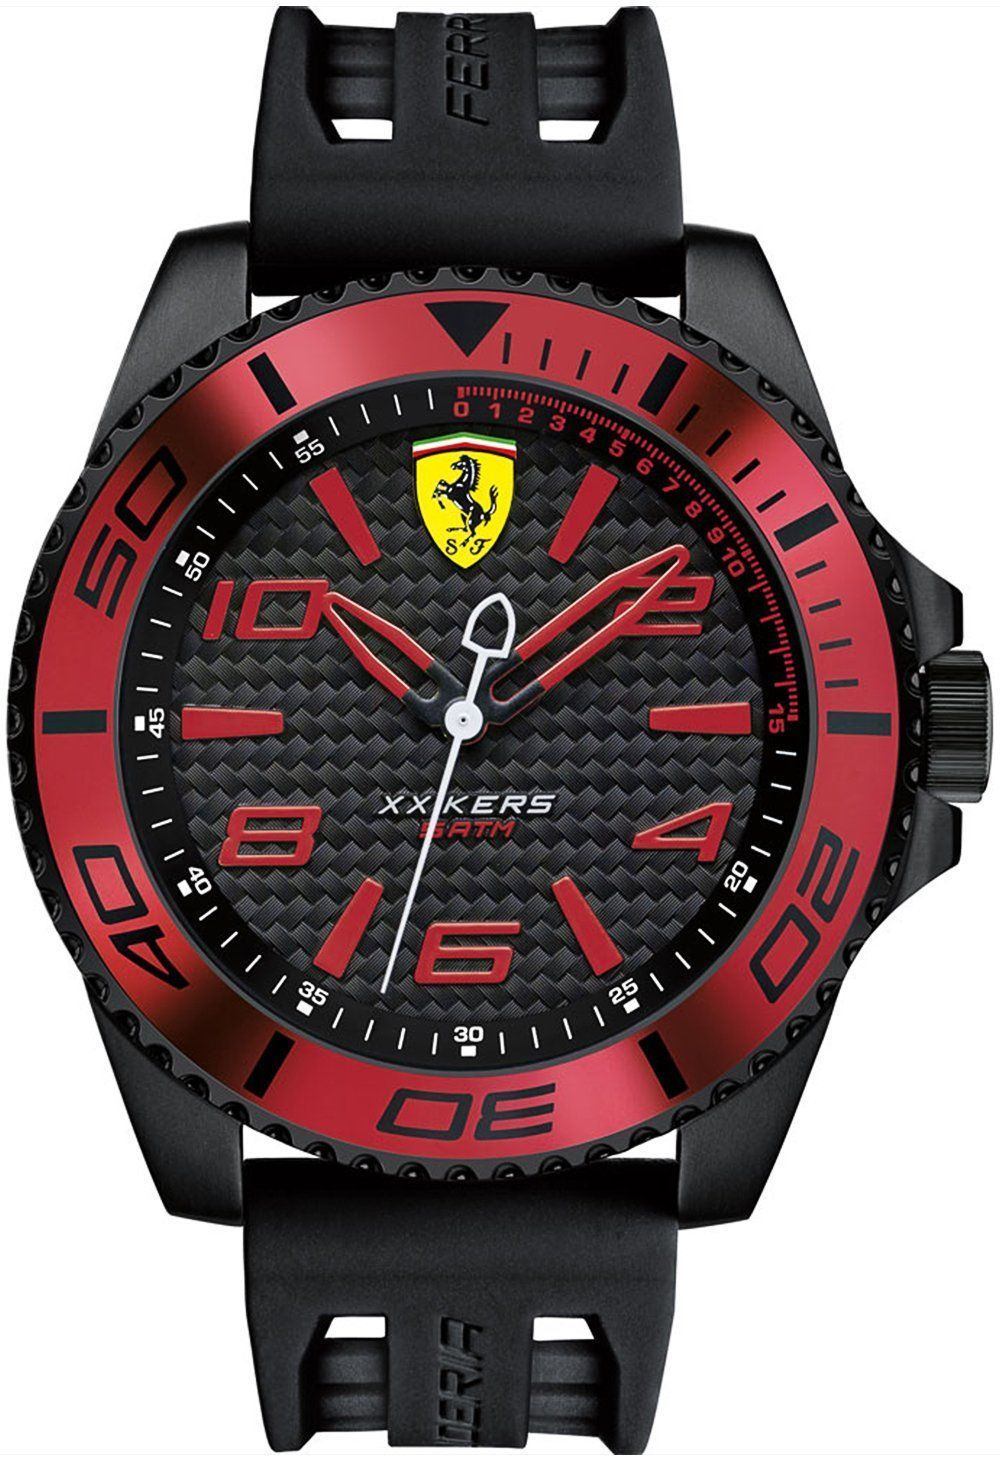 นาฬิกาผู้ชาย Ferrari รุ่น 0830306, XX Kers